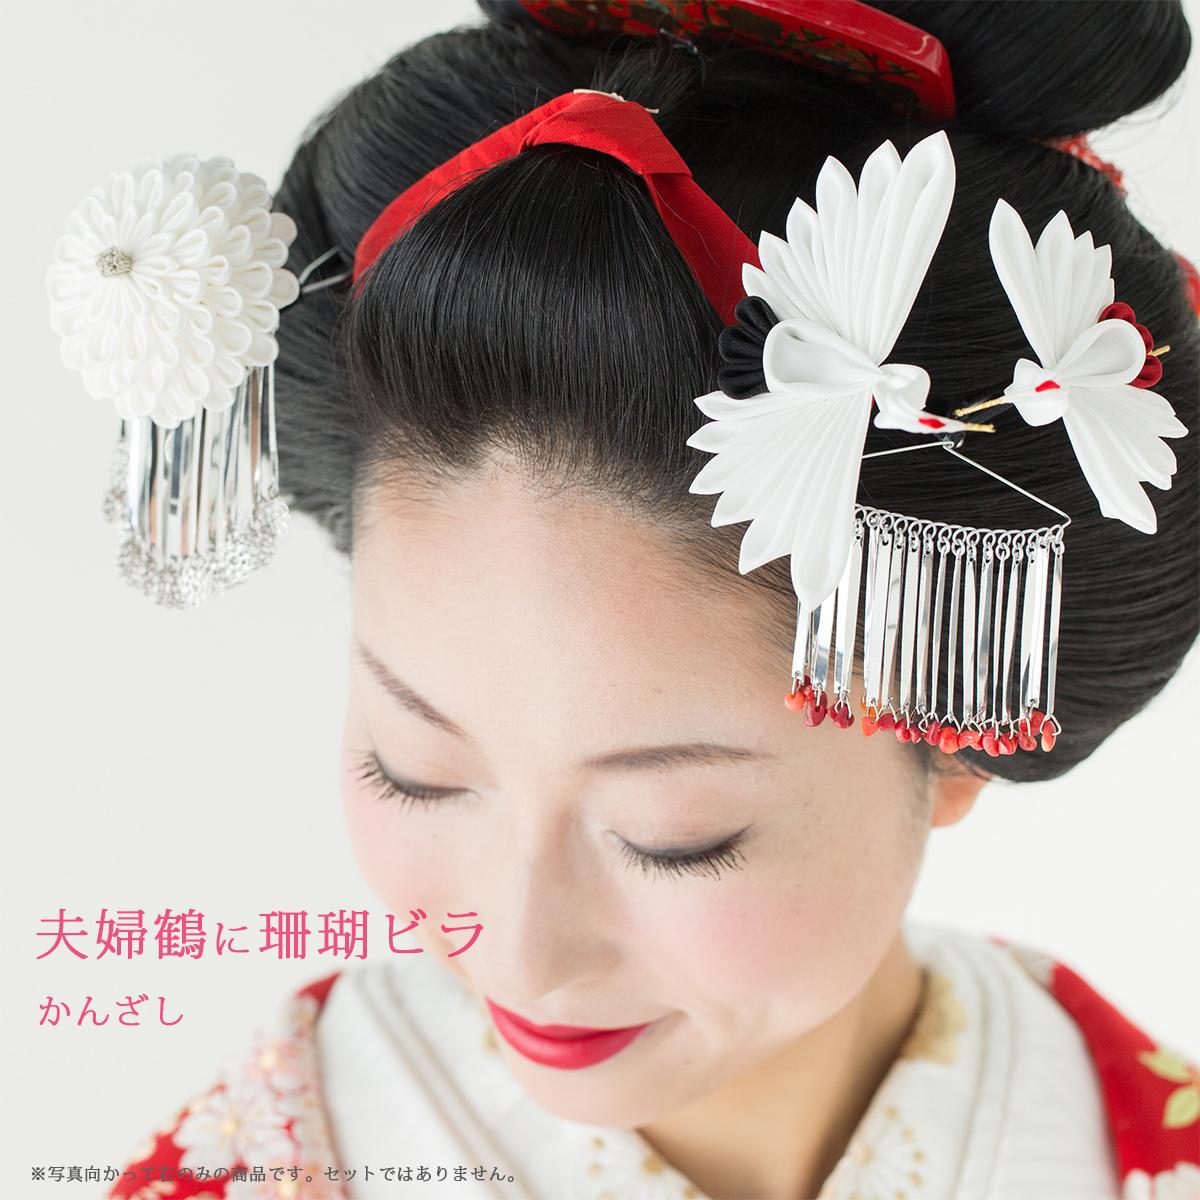 夫婦鶴 実物 珊瑚ビラかんざし ブライダル 花嫁 和婚 かんざし つまみ細工 髪飾り セール特価品 白無垢 打掛 桐箱付き 京都